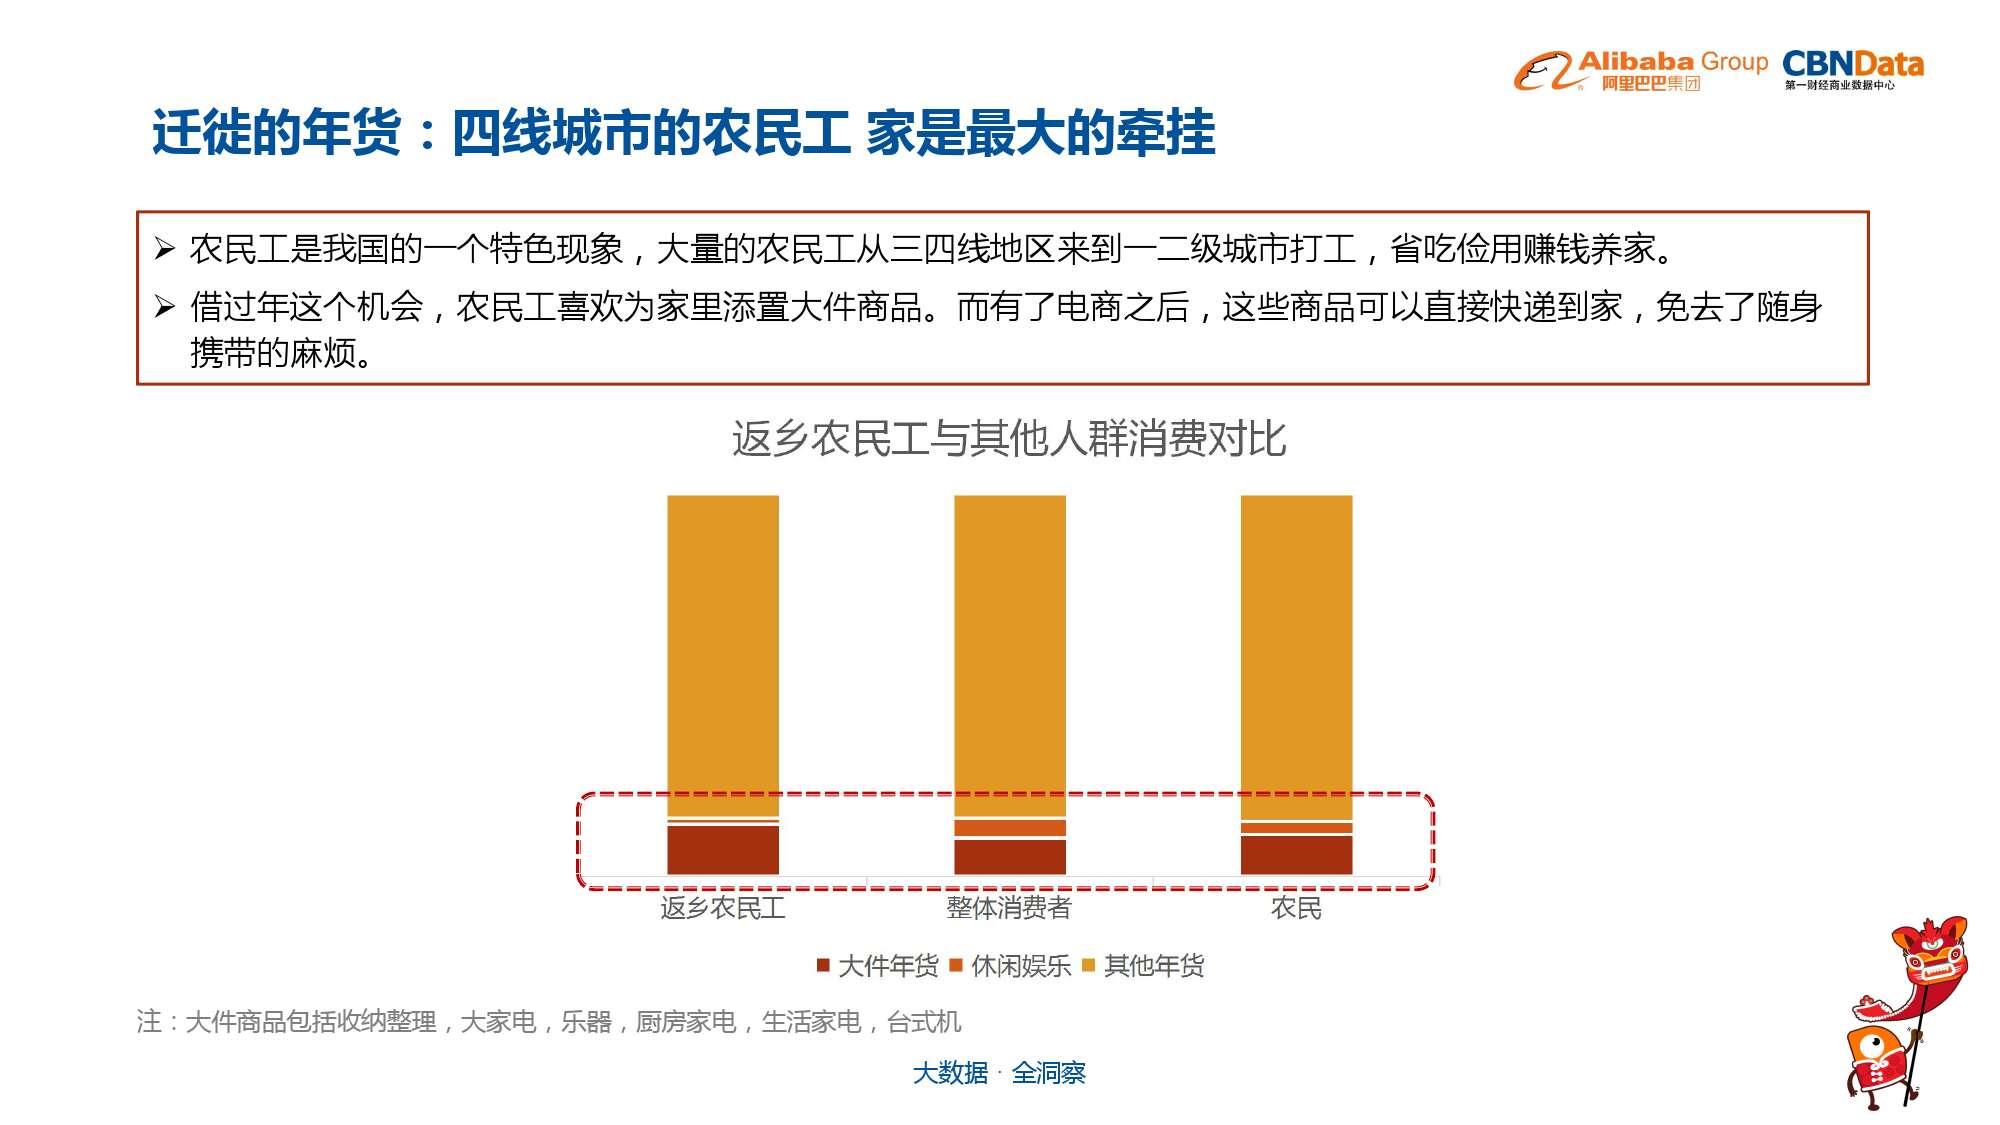 中国年货大数据报告_000037